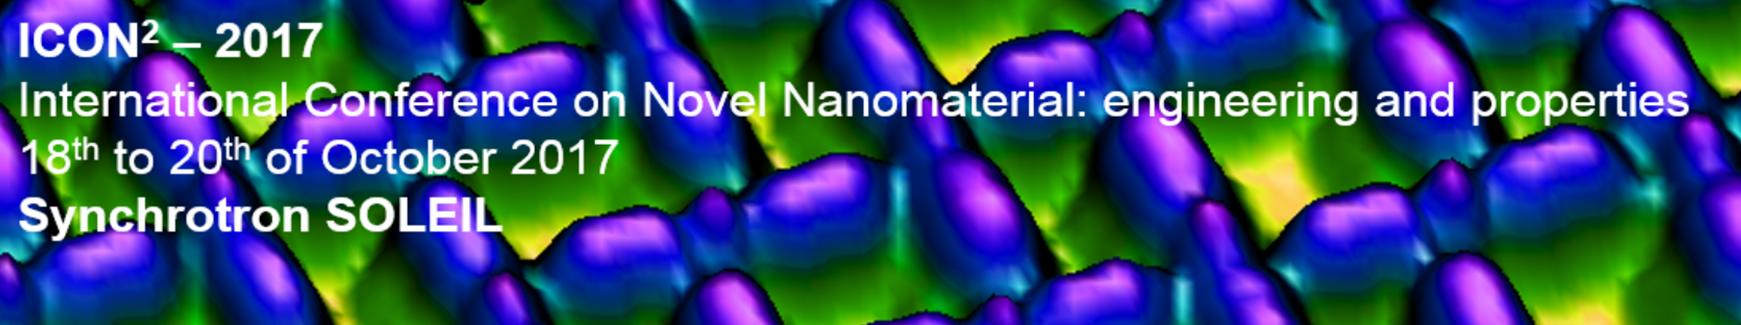 Conférence Internationale sur les Nouveaux Nanomatériaux (ICON²), 18-20 octobre 2017